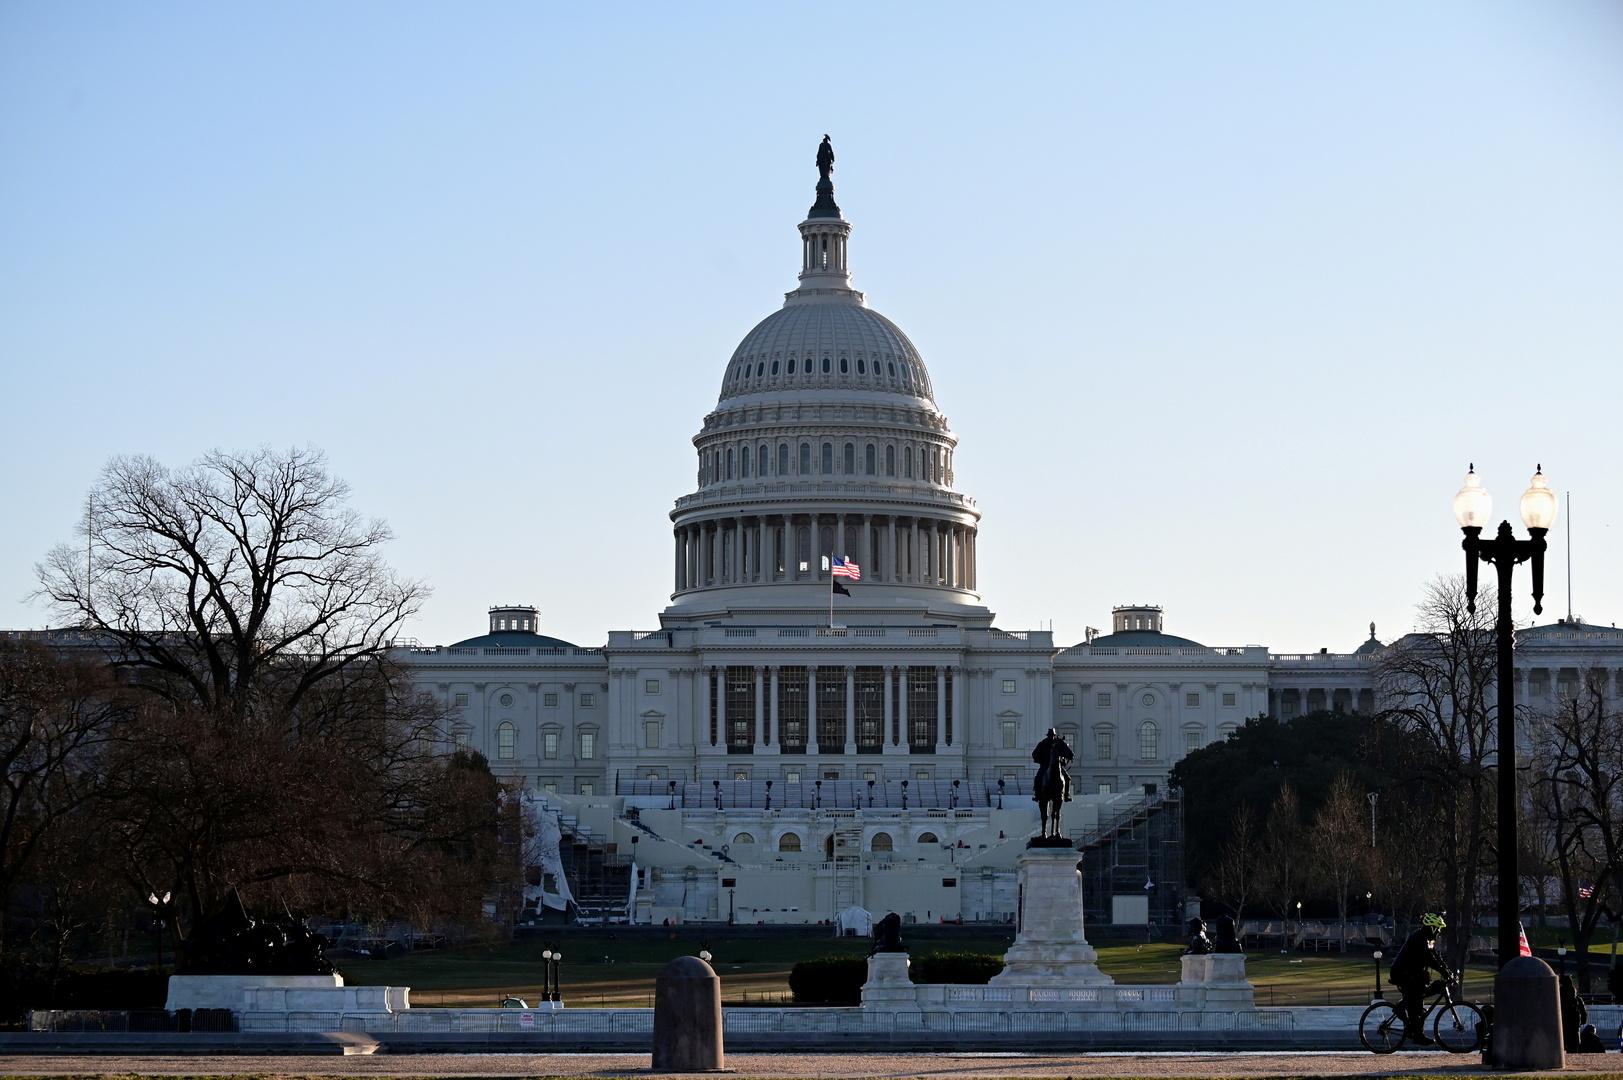 مجلس النواب الأمريكي يصوت لصالح عزل ترامب